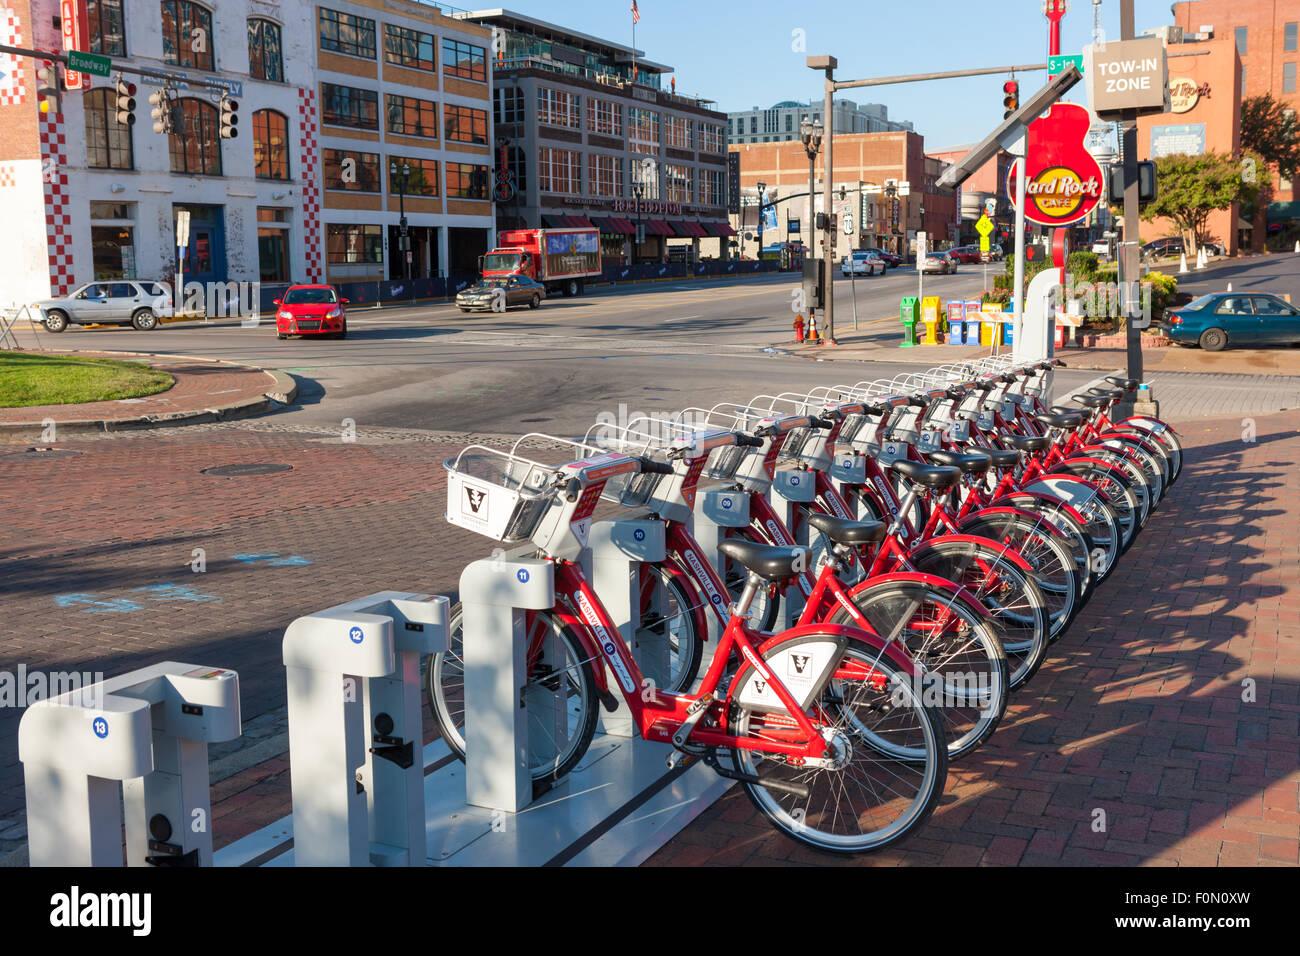 B-ciclo programa de uso compartido de Bicicletas Las bicicletas acoplado a la estación Riverfront B-station Imagen De Stock